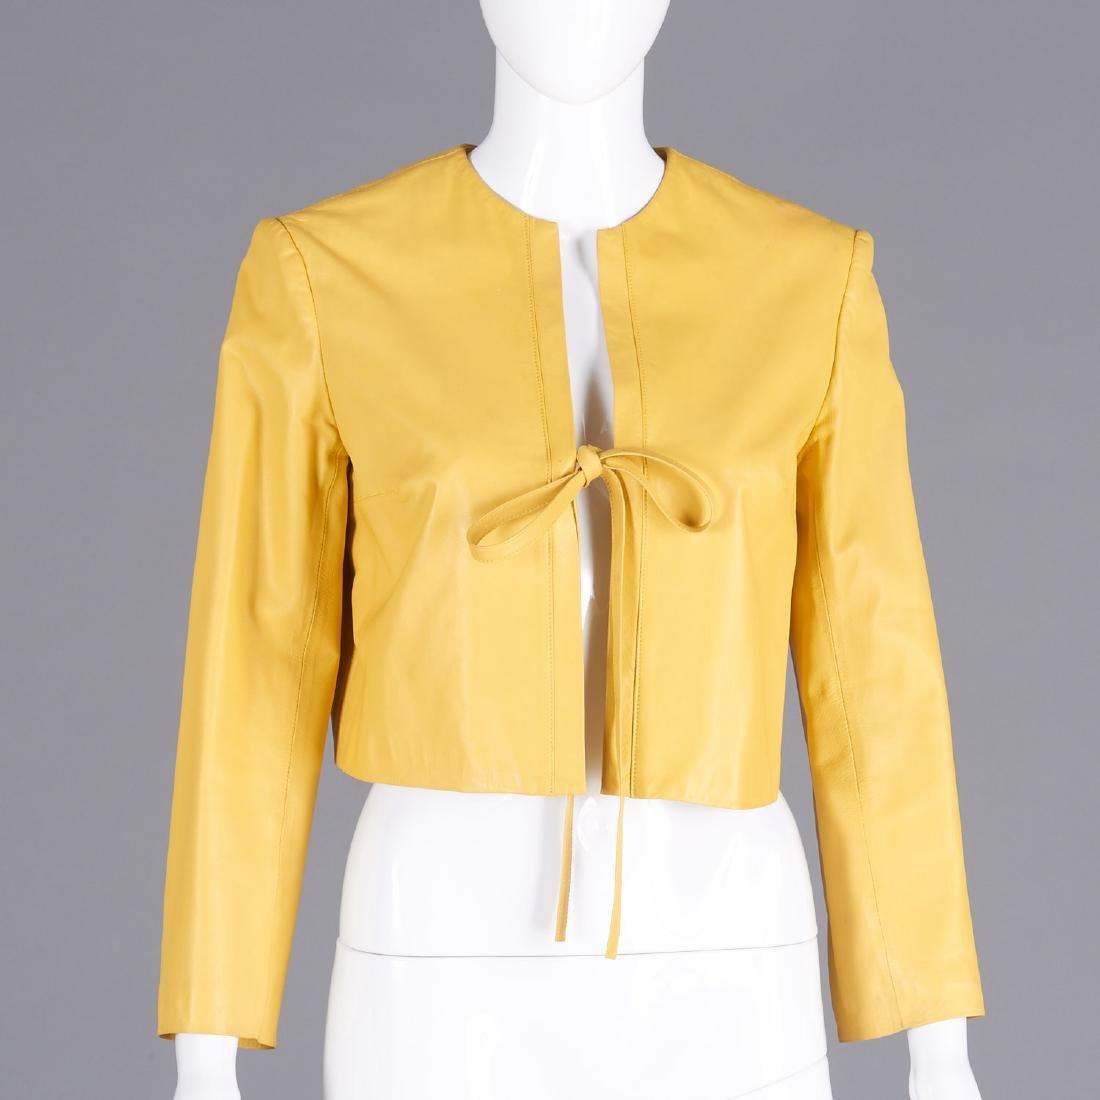 Jenni Kayne mustard lambskin cropped jacket